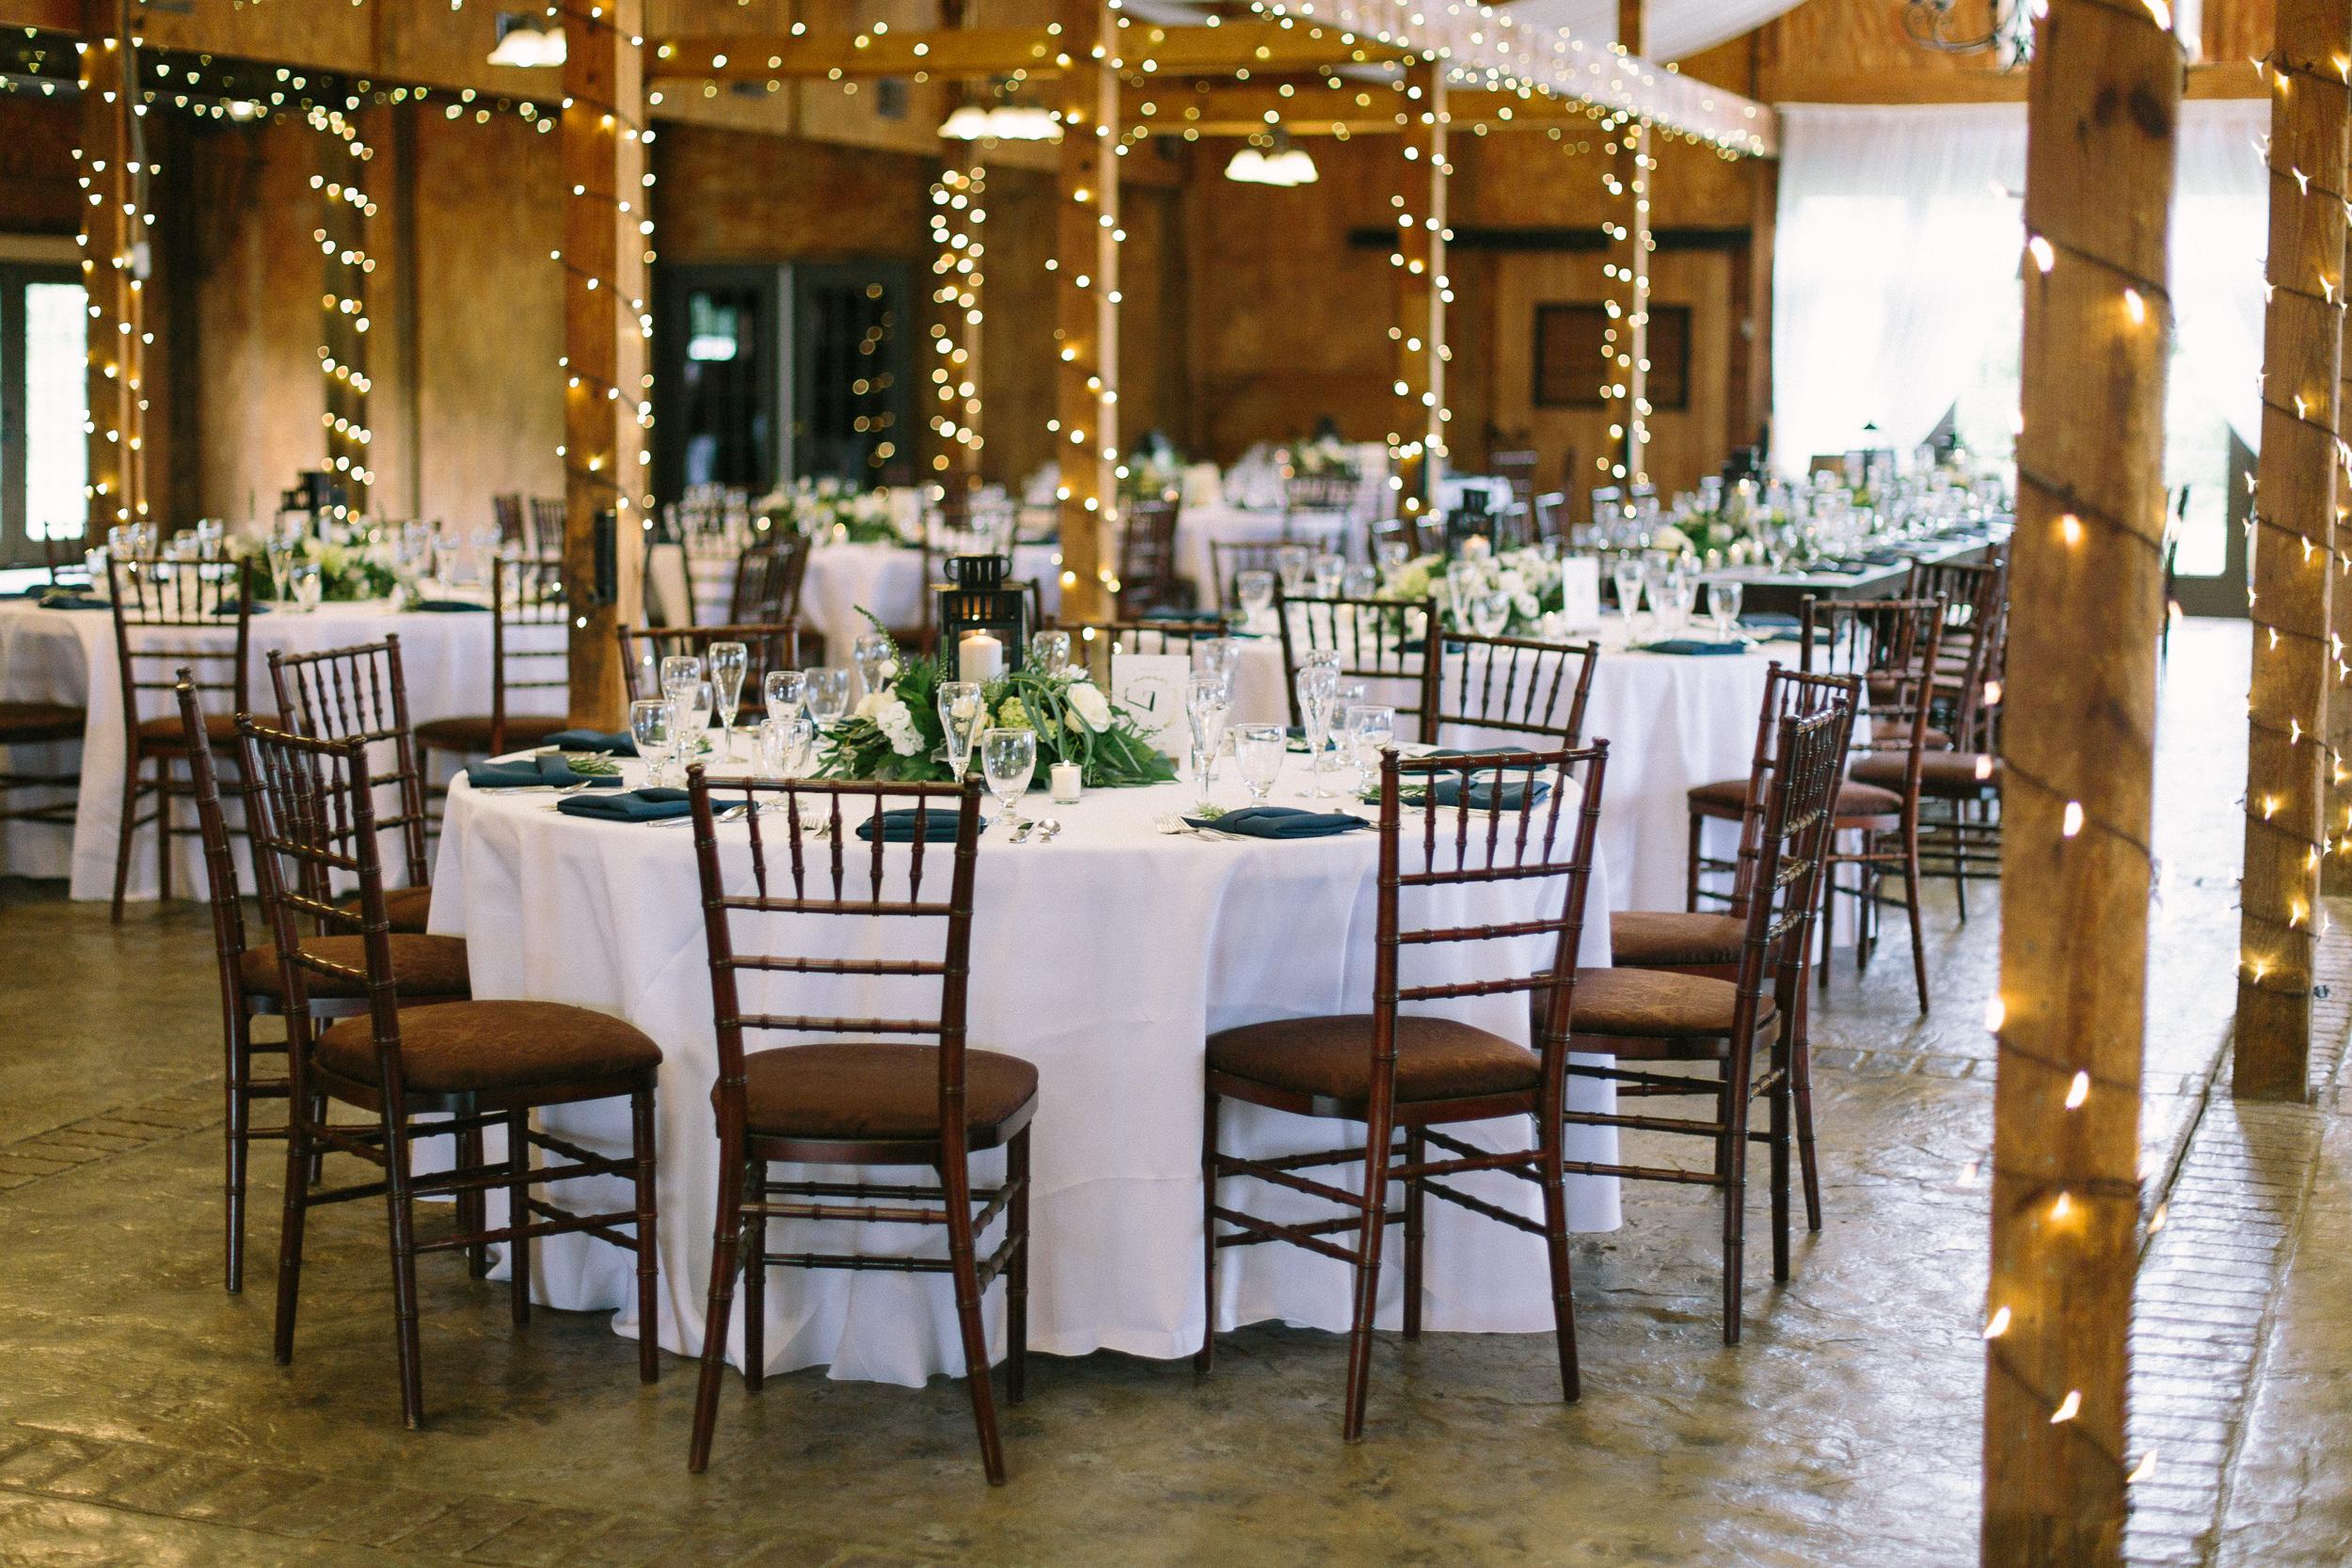 bluemont-wedding-reception-space